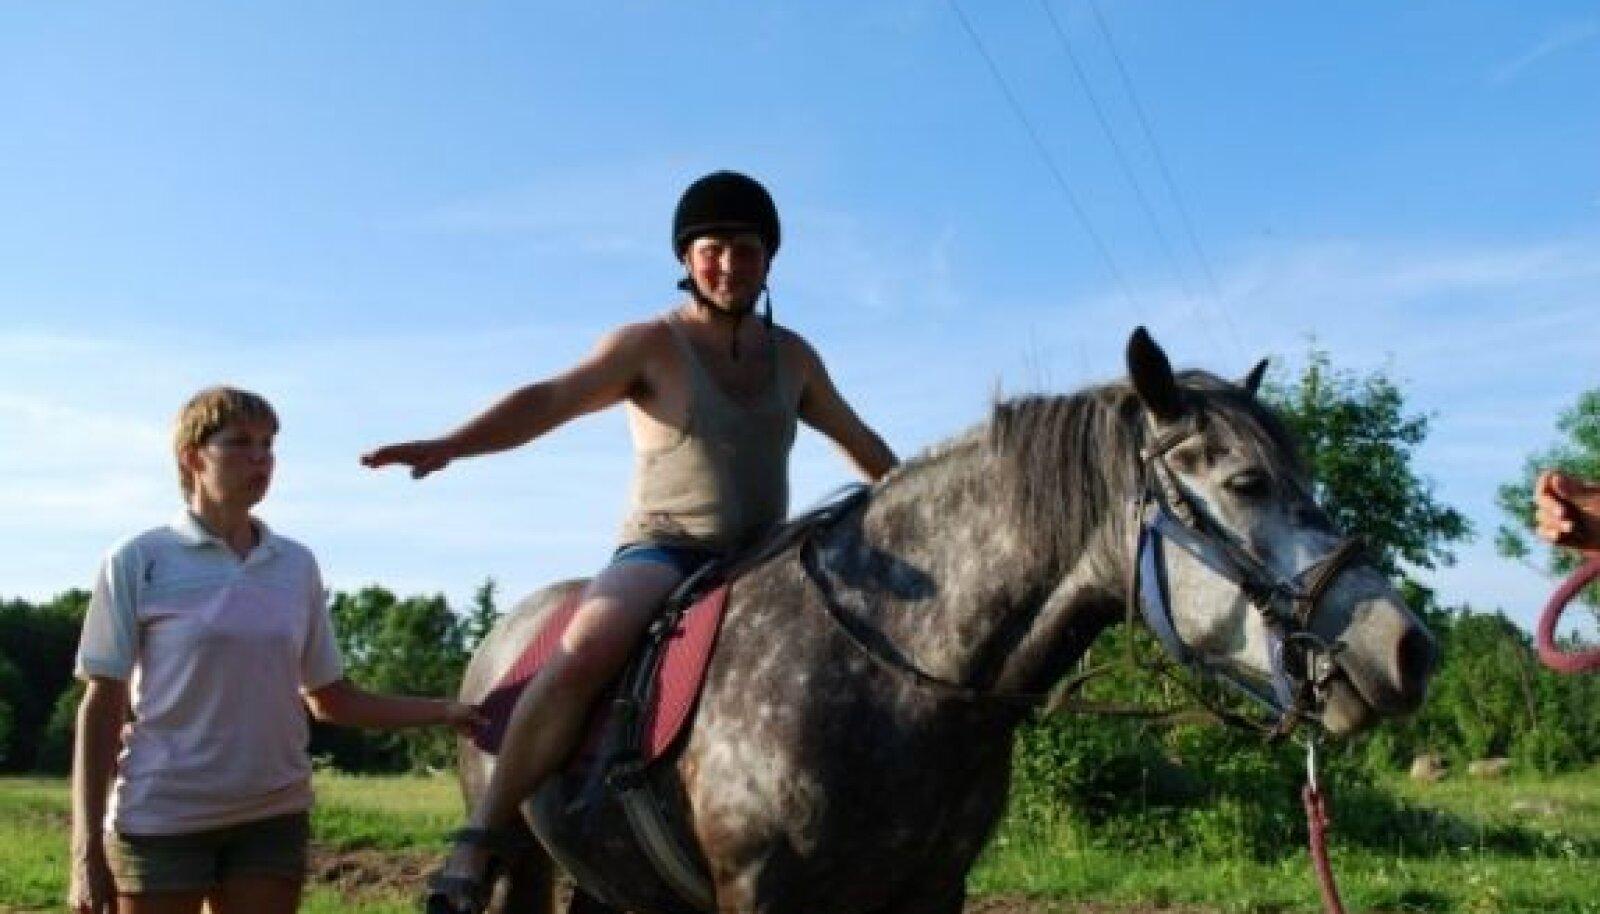 Tegevusi hobusega juhendab tsirkuses ratsutamisterapeut Monika Salumaa. Foto: Uku-Joonas Salumaa.